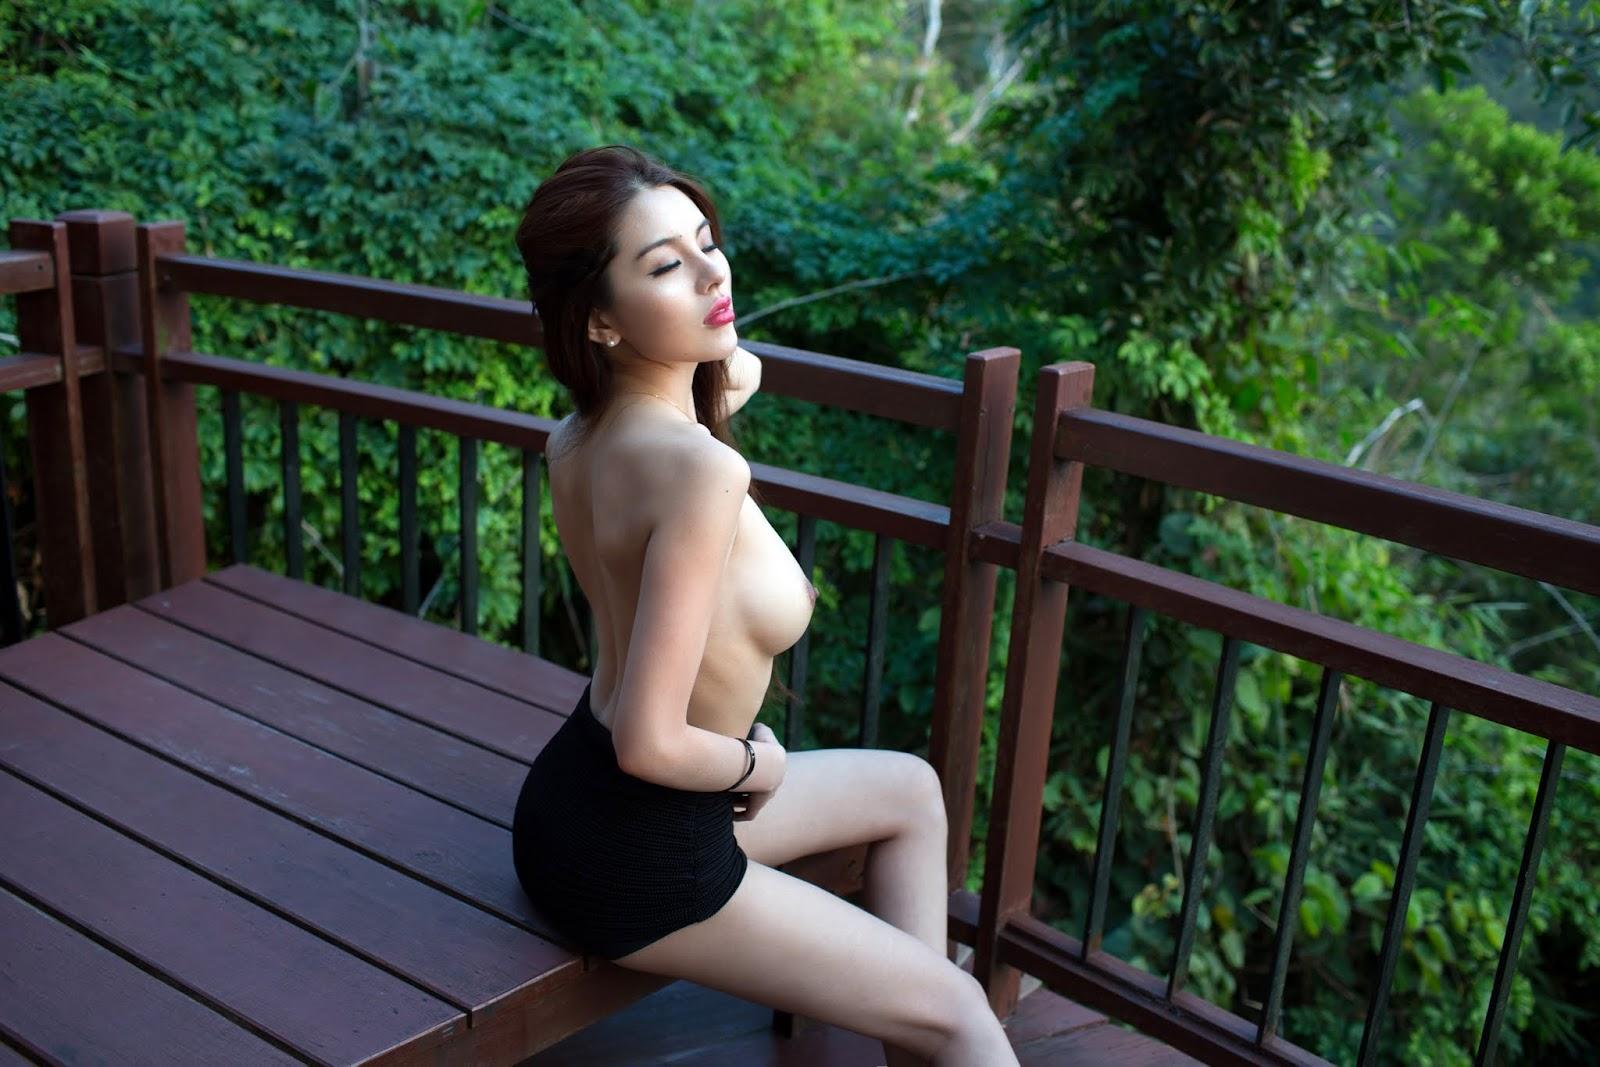 %252B%252B%252B%25C2%25AC %252B 41 - Naked Nude Girl TUIGIRL NO.51 Model